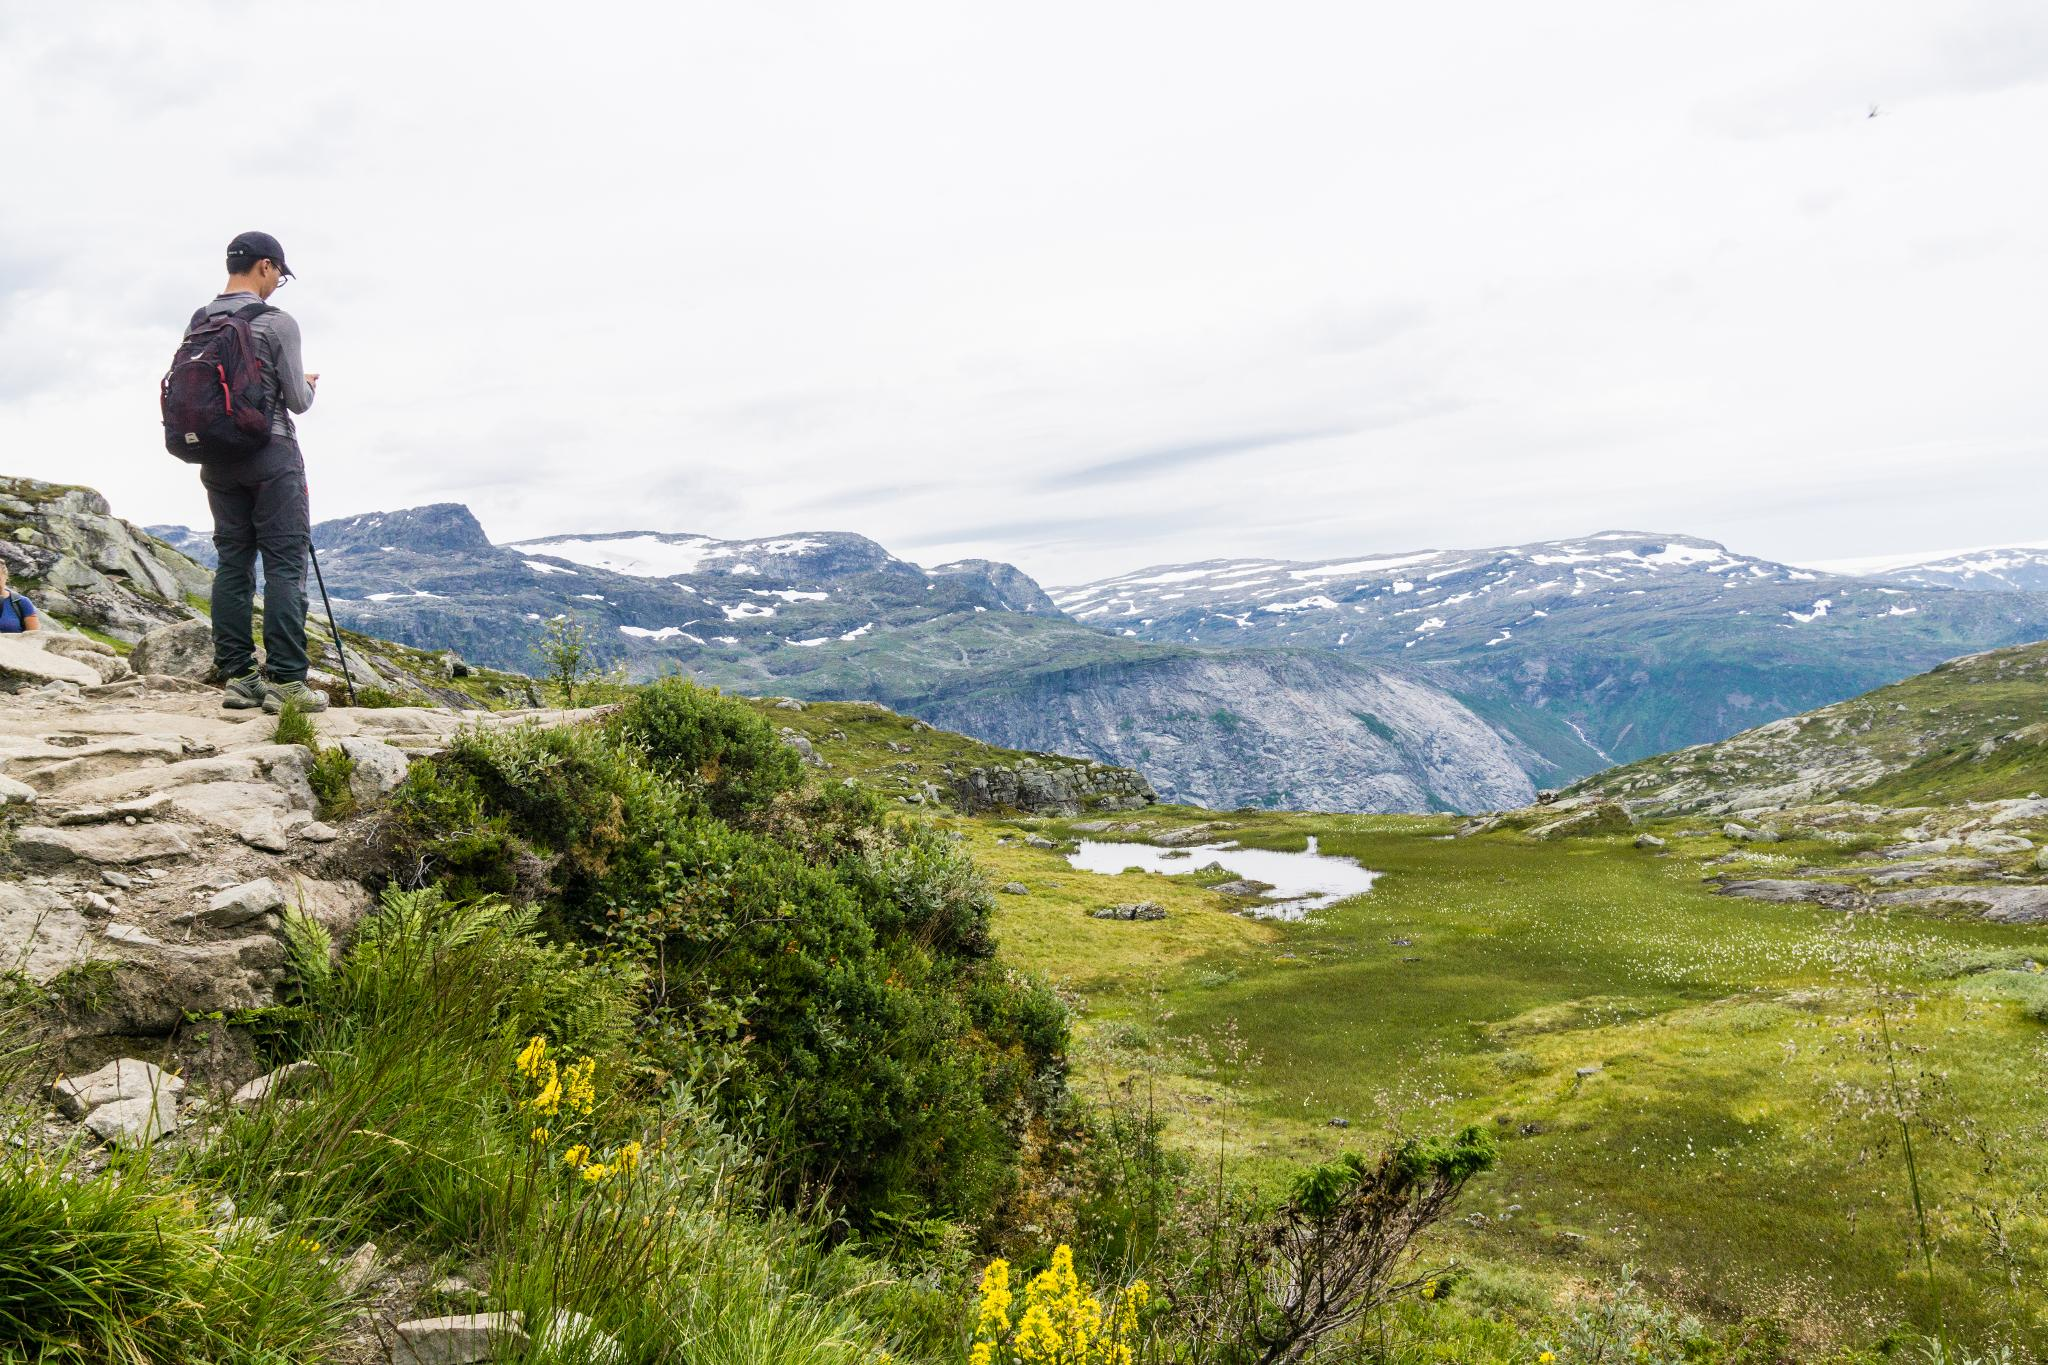 【北歐景點】挪威惡魔之舌 Trolltunga — 28公里健行挑戰全攻略 200